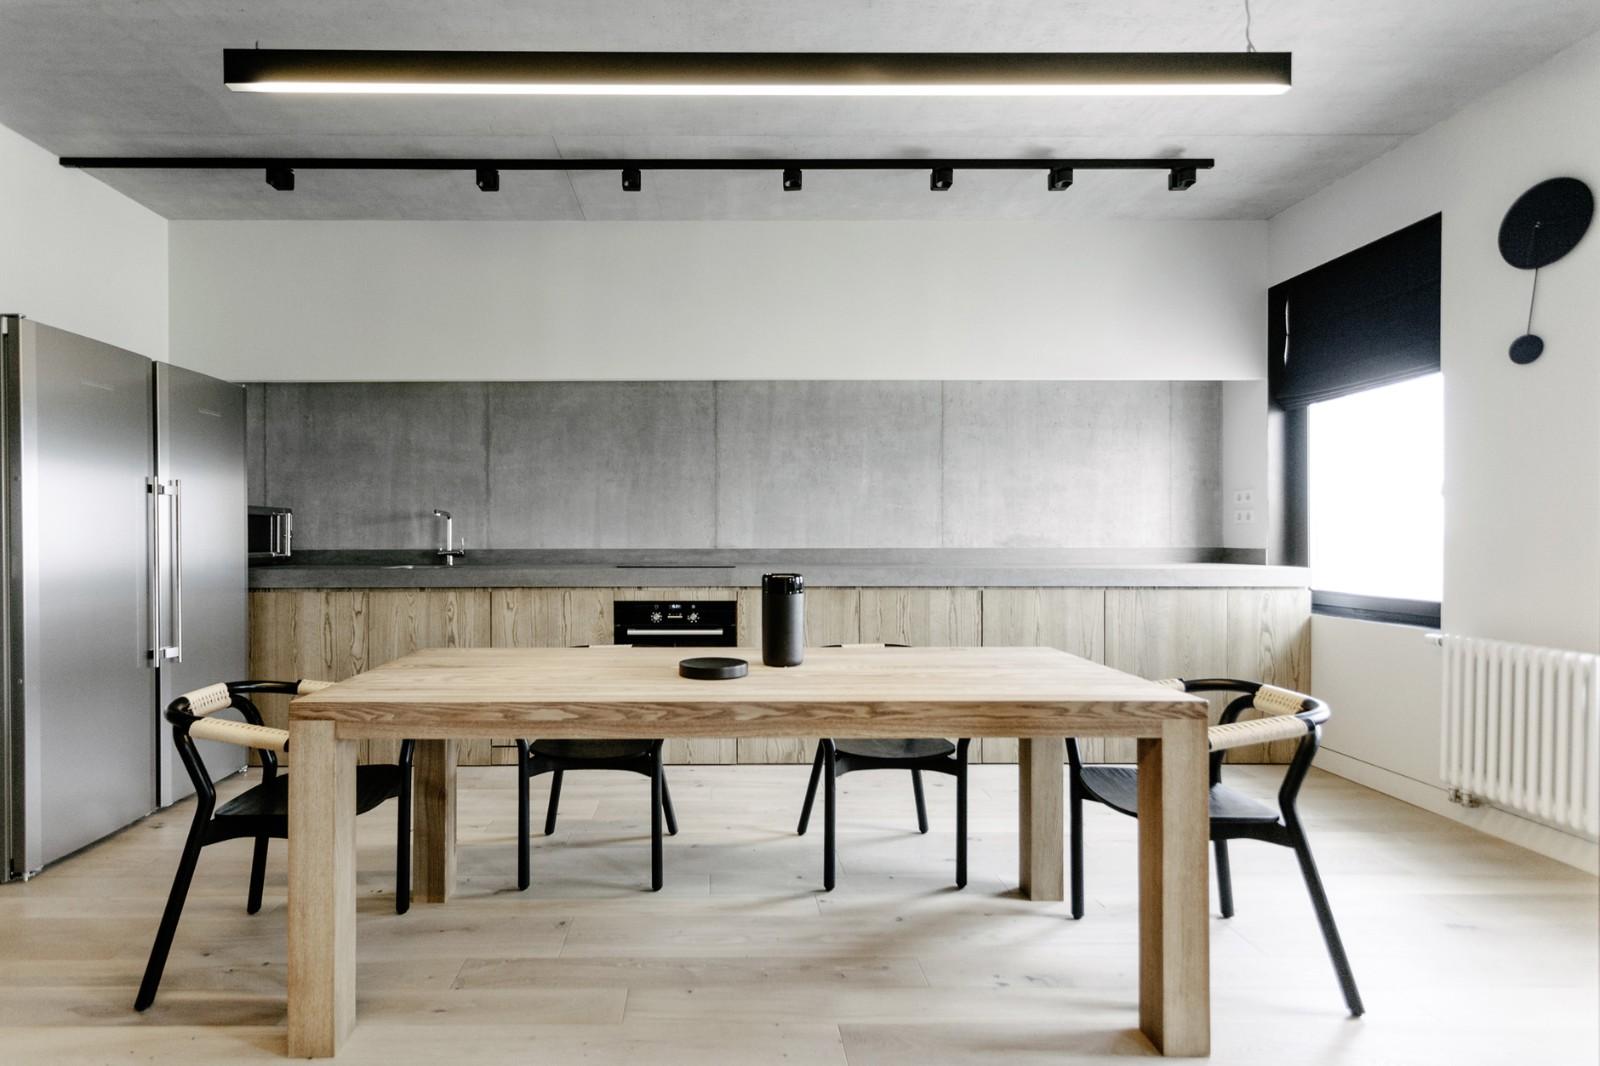 2021工业餐厅效果图 2021工业餐桌装修图片